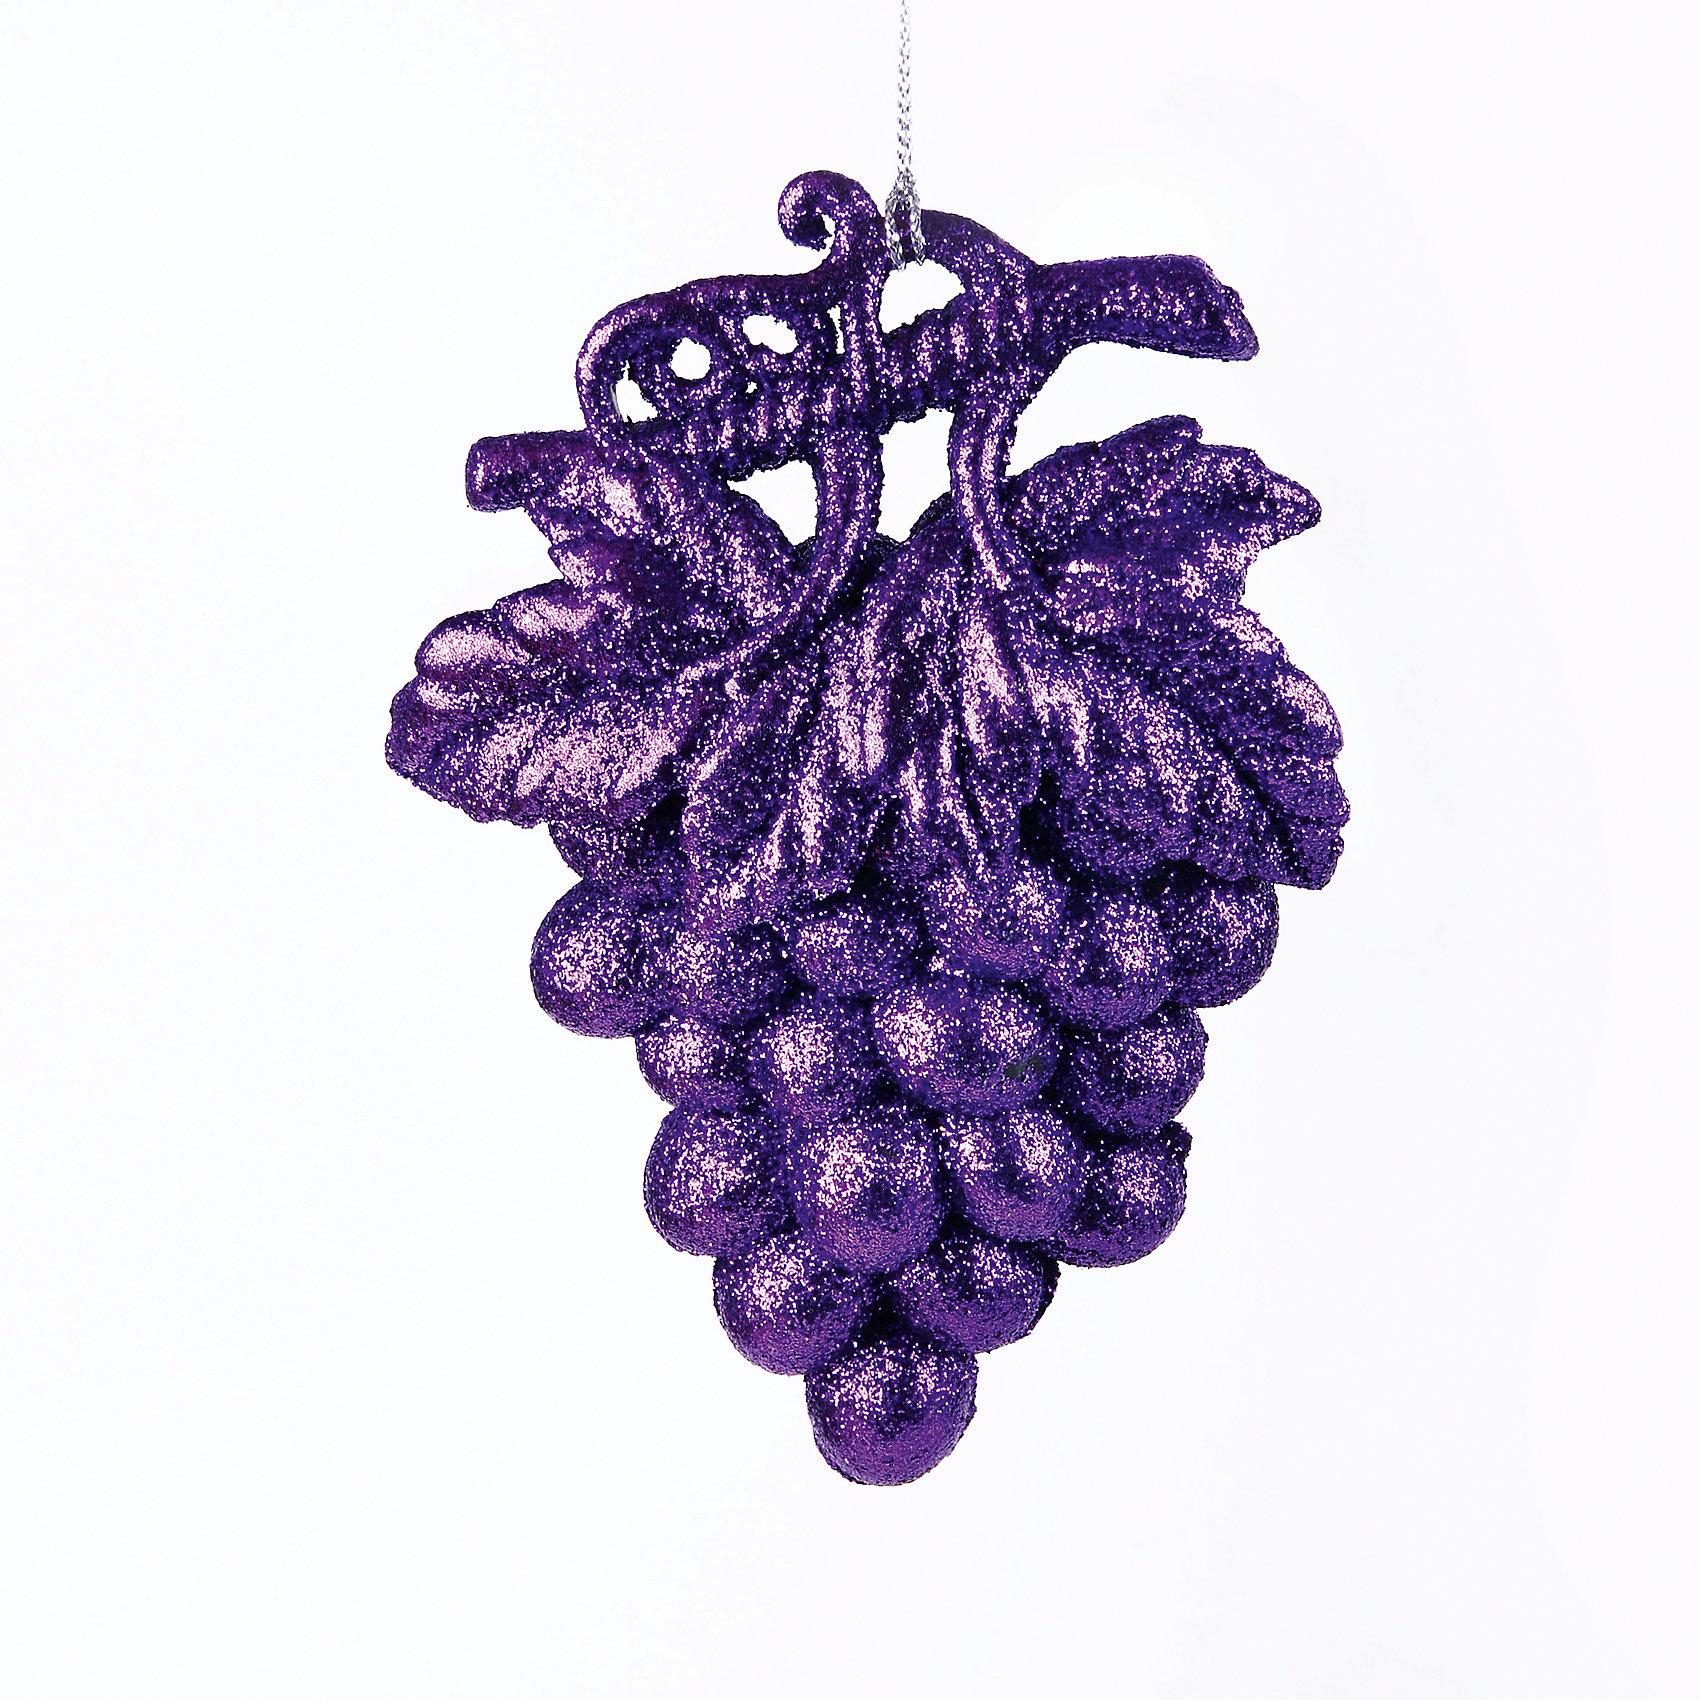 Новогоднее украшение Гроздь виноградаНовинки Новый Год<br>Гроздь винограда – это декоративное новогоднее украшение замечательно украсит интерьер.<br>Оригинальное новогоднее украшение прекрасно подойдет для праздничного декора дома и новогодней ели. Украшение выполнено из пластика в виде грозди винограда фиолетового цвета. С помощью специальной петельки его можно повесить в любом понравившемся вам месте. Но, конечно, удачнее всего такая игрушка будет смотреться на праздничной елке. Новогодние украшения приносят в дом волшебство и ощущение праздника. Создайте в своем доме атмосферу веселья и радости, украшая новогоднюю елку нарядными игрушками, которые будут из года в год накапливать теплоту воспоминаний.<br><br>Дополнительная информация:<br><br>- Размер: 9,5 х 2,5 х 15 см.<br>- Цвет: фиолетовый<br>- Материал: пластик<br><br>Новогоднее украшение принесет в ваш дом ни с чем несравнимое ощущение волшебства!<br><br>Новогоднее украшение можно купить в нашем интернет-магазине.<br><br>Ширина мм: 21<br>Глубина мм: 170<br>Высота мм: 200<br>Вес г: 100<br>Возраст от месяцев: 36<br>Возраст до месяцев: 2147483647<br>Пол: Унисекс<br>Возраст: Детский<br>SKU: 4276450